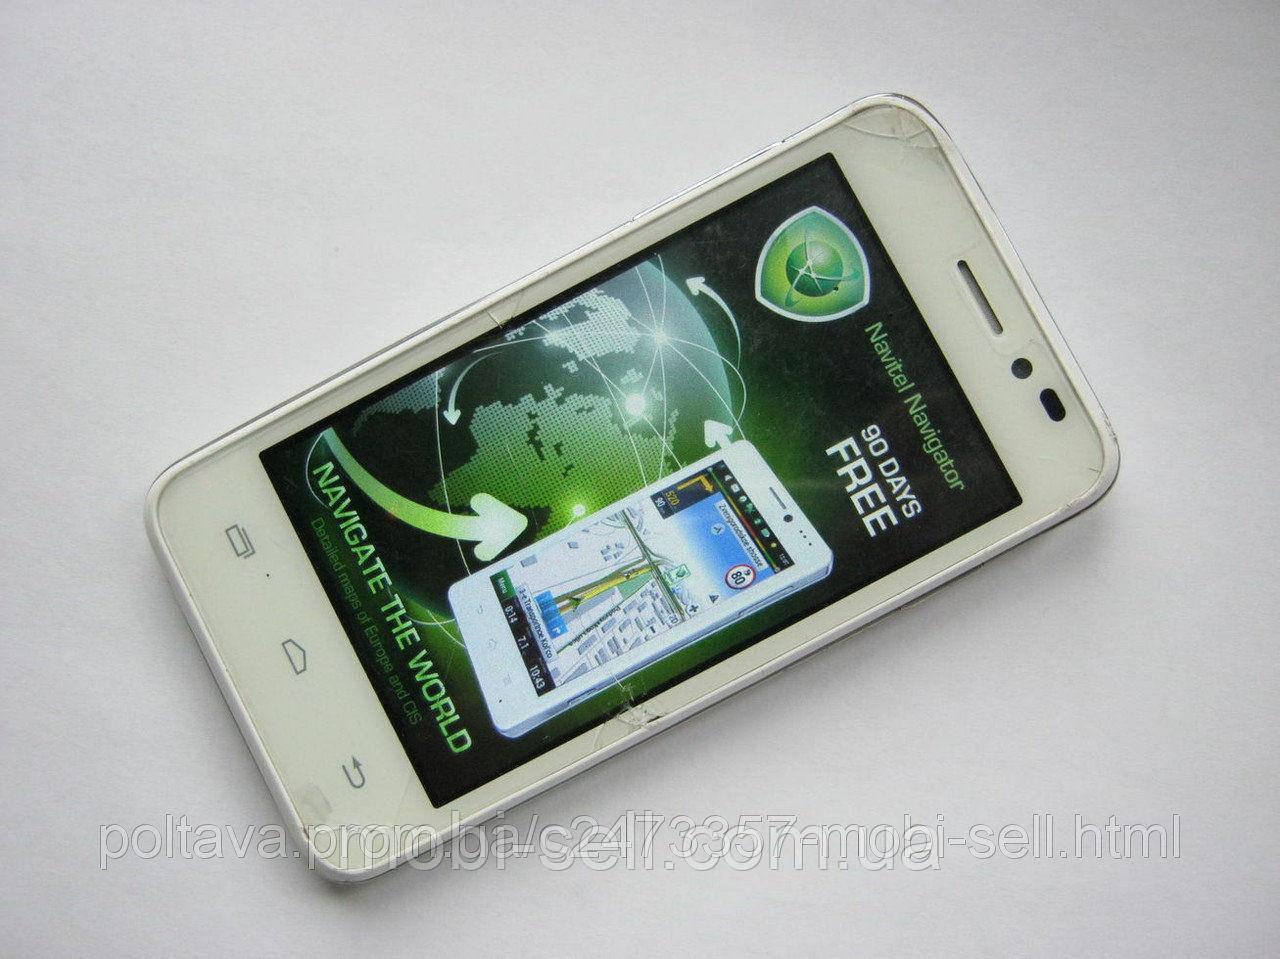 УЦЕНКА: Дисплей для Prestigio PAP5400 DUO LCD модуль сенсор битый, дисплей работает (оригинал, разборка)